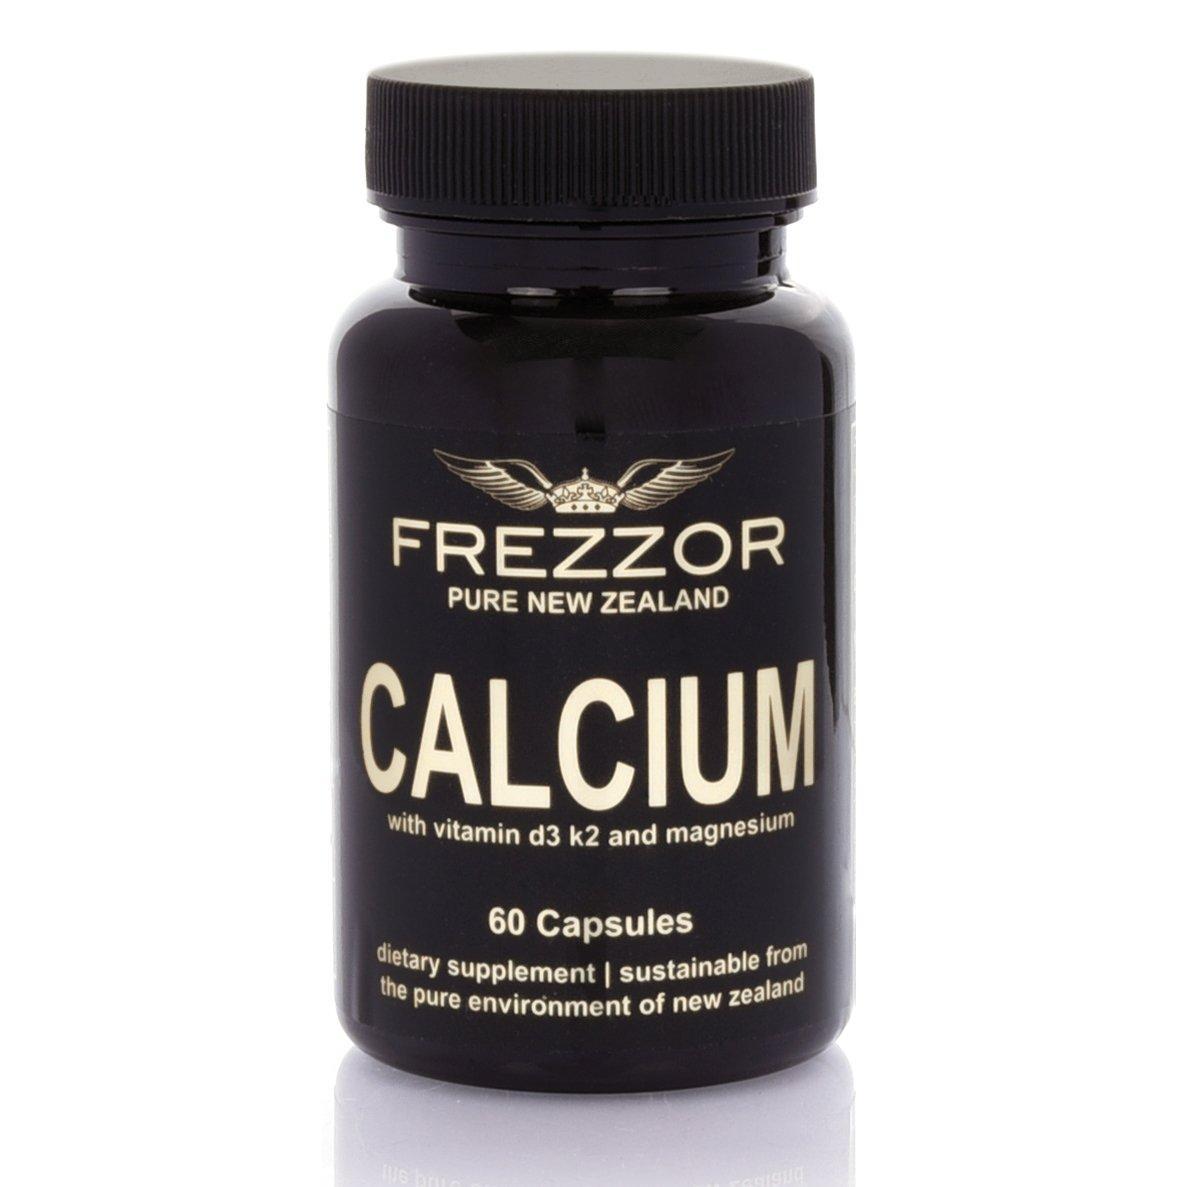 Frezzor | Natural Calcium with Vitamins D3, K2, and Magnesium | Wild-Caught Fish Bones | Naturally Sourced | 60 capsules